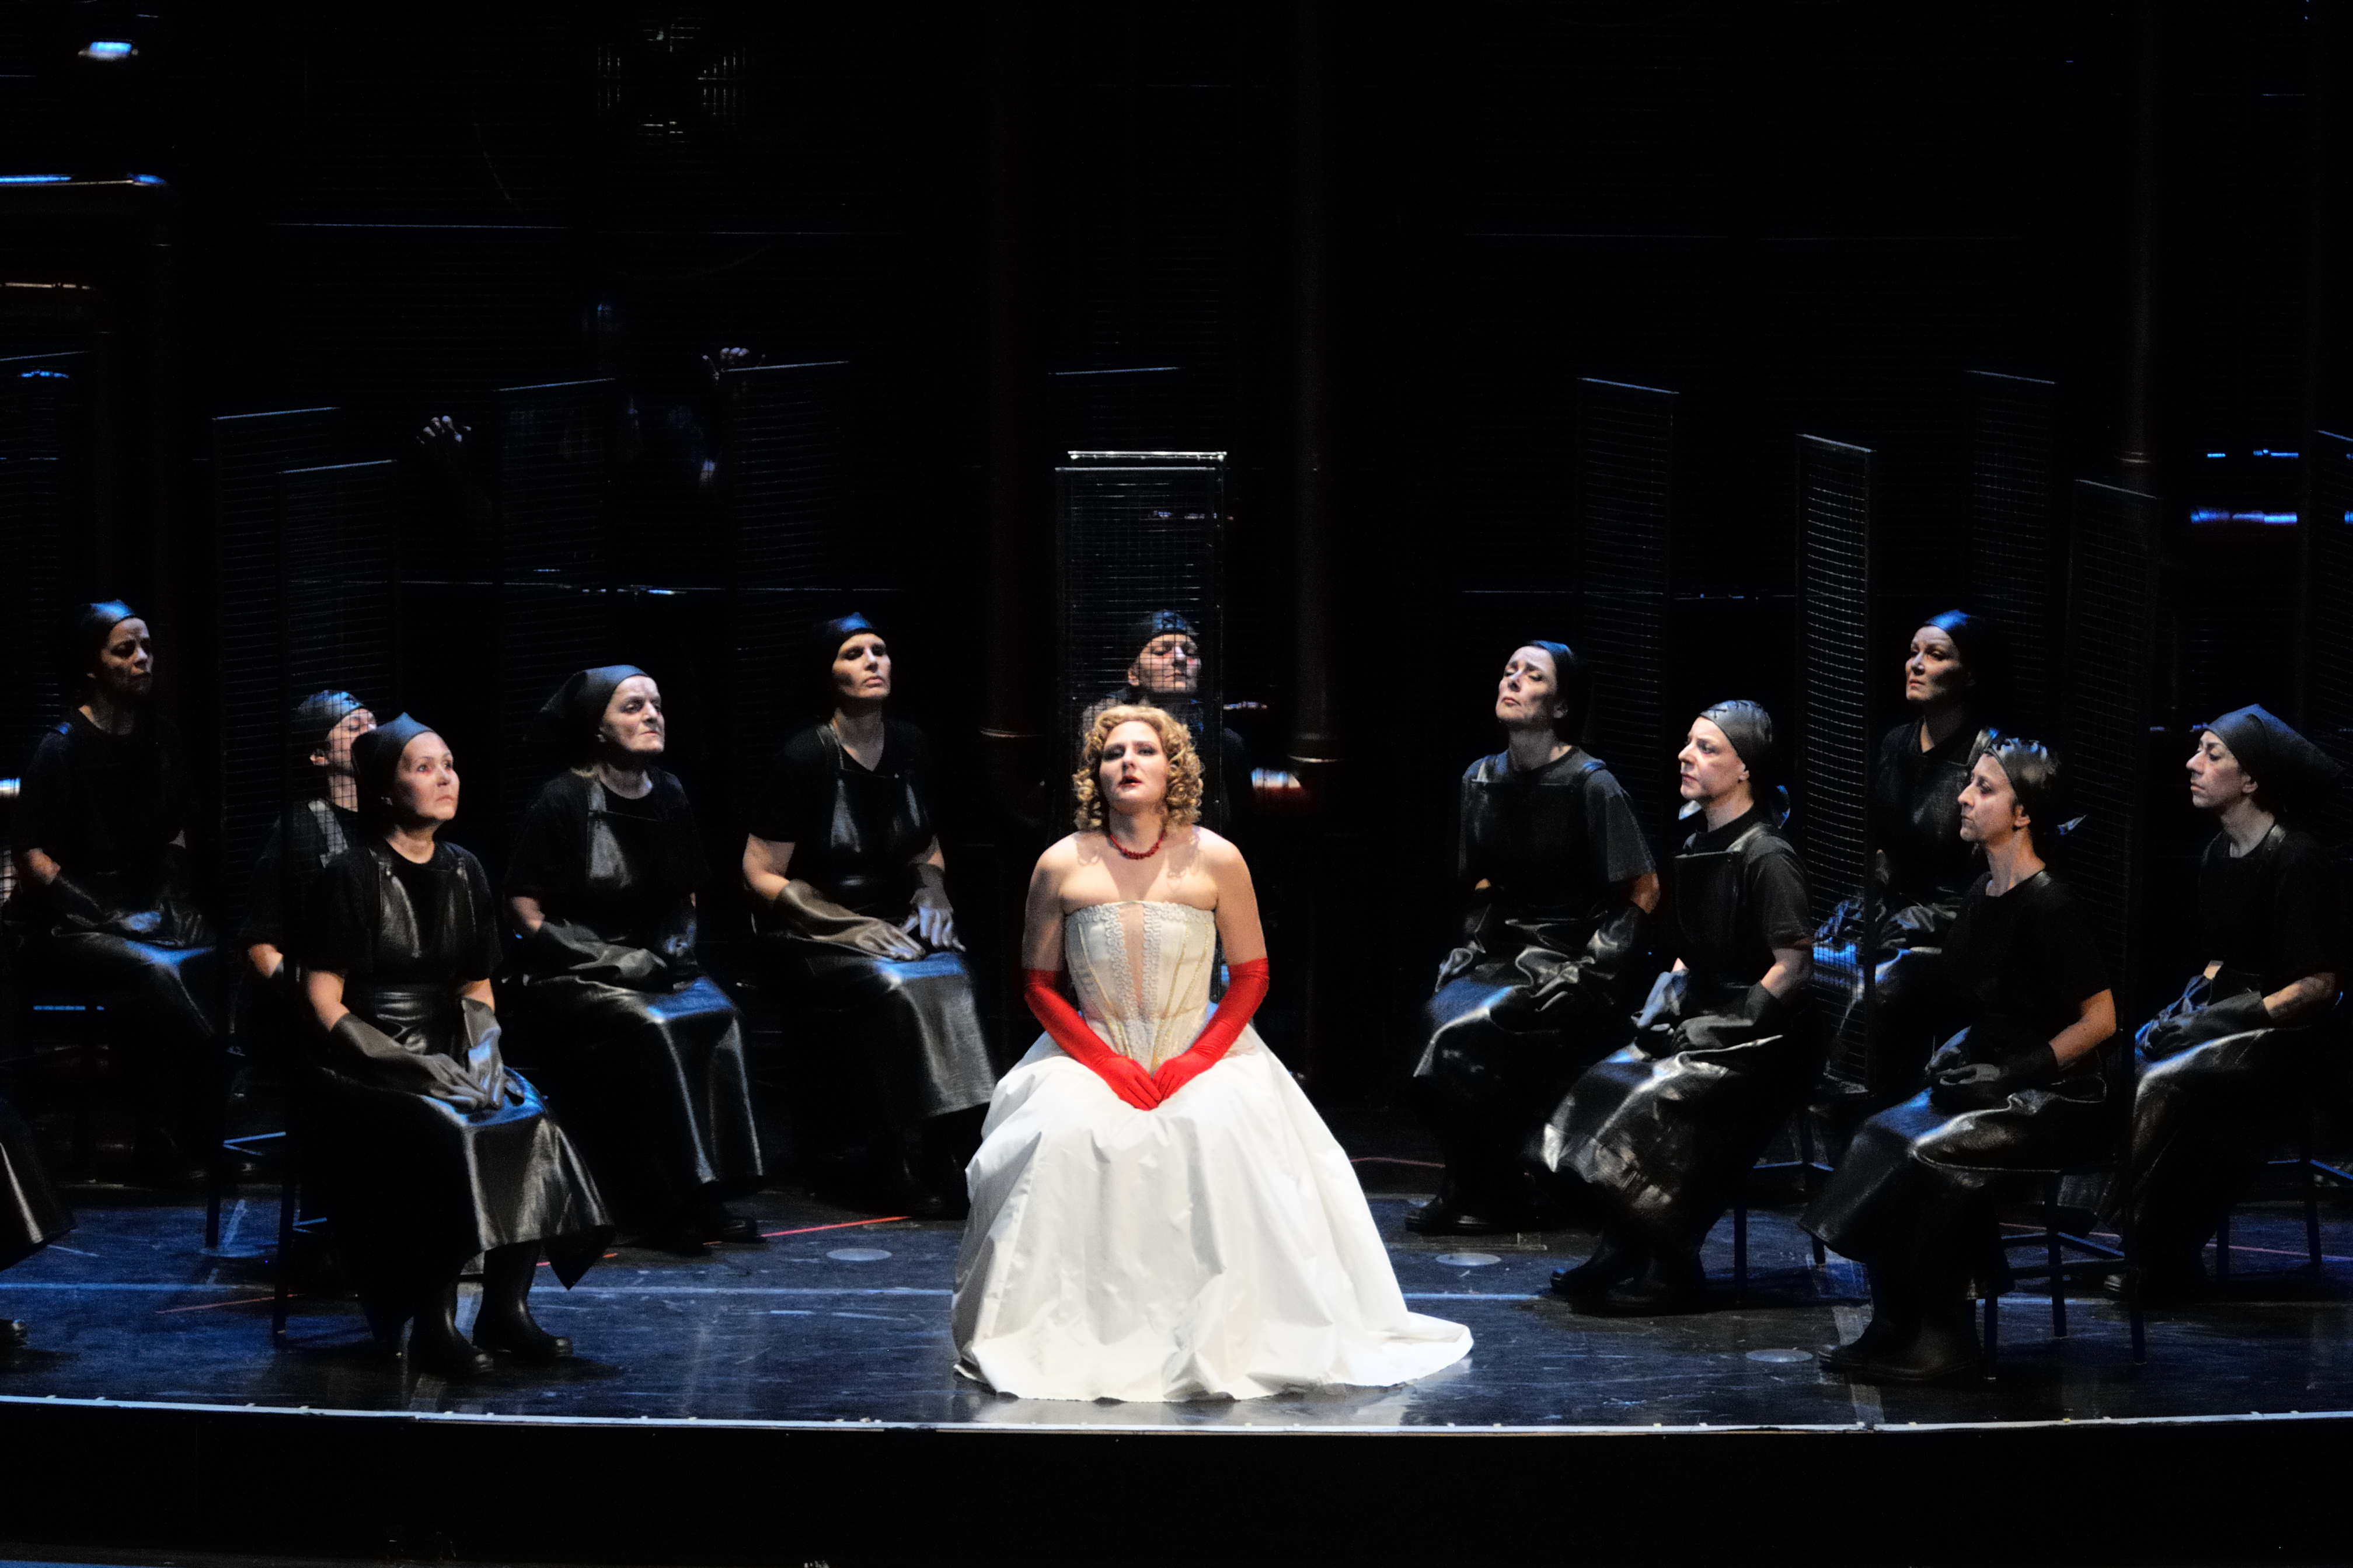 'Macbeth' de Verdi, en el Teatro Real de Madrid